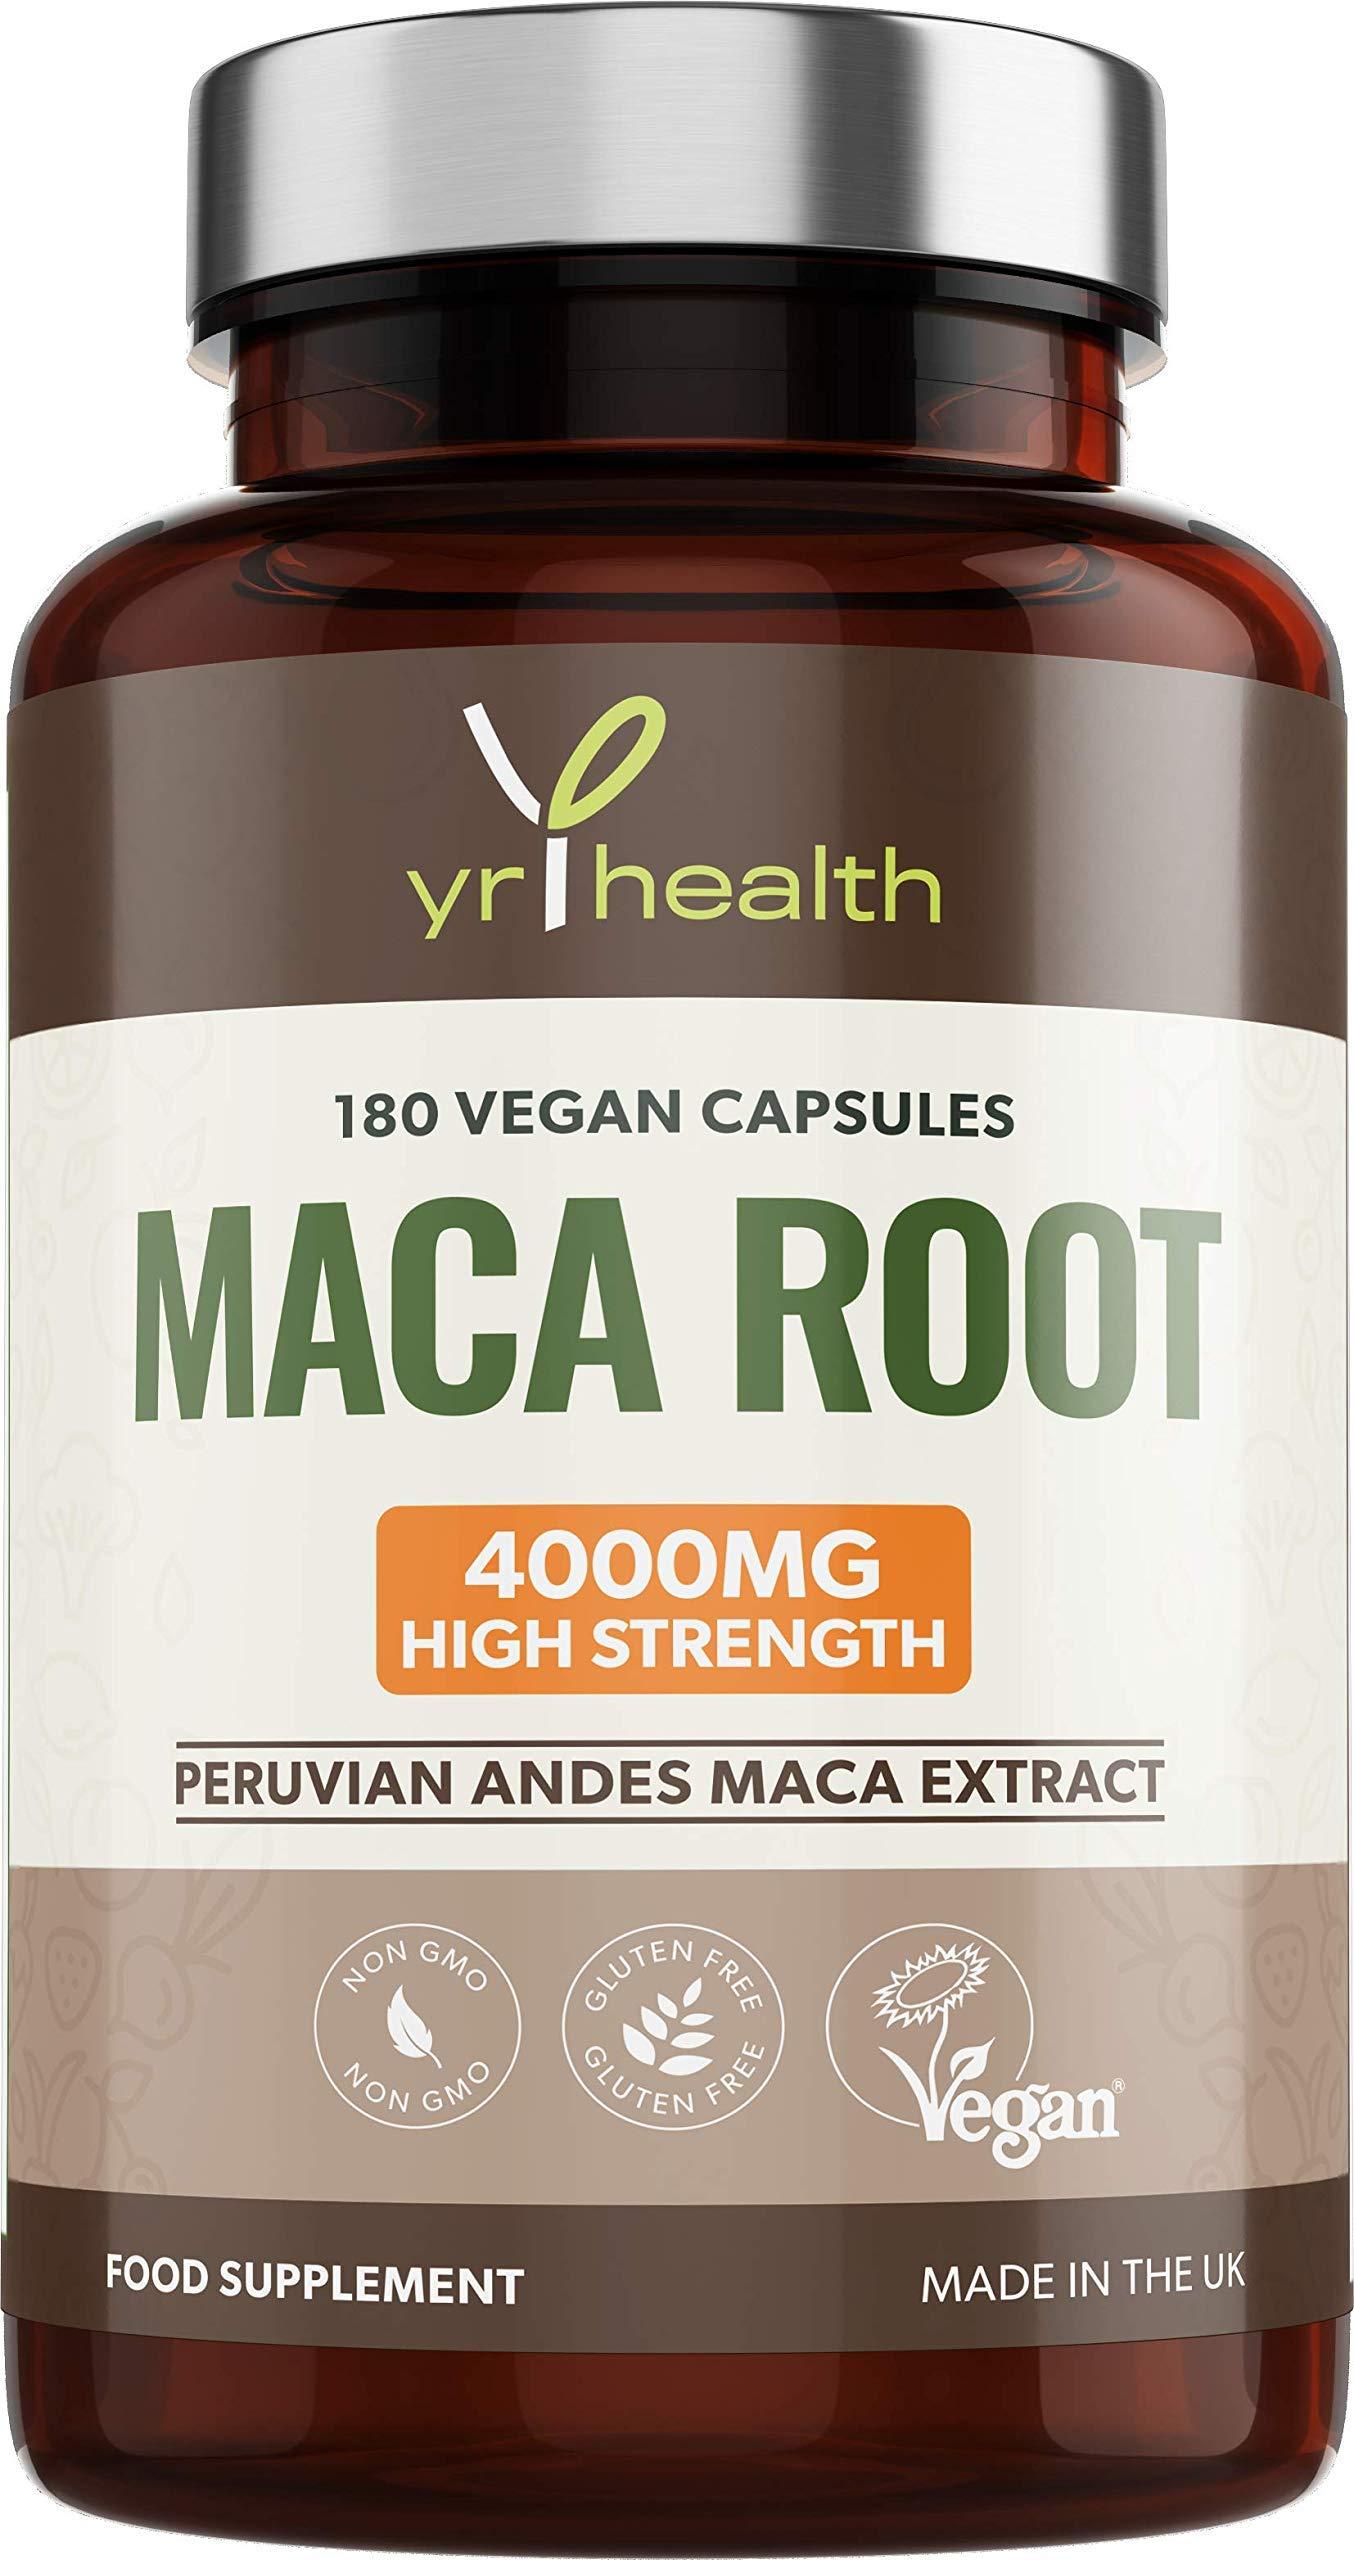 Maca Root Capsules 4000mg - 180 Vegan High Strength Peruvian Black Maca Root & Yellow Maca Extract Capsules - Made in the UK by YrHealth